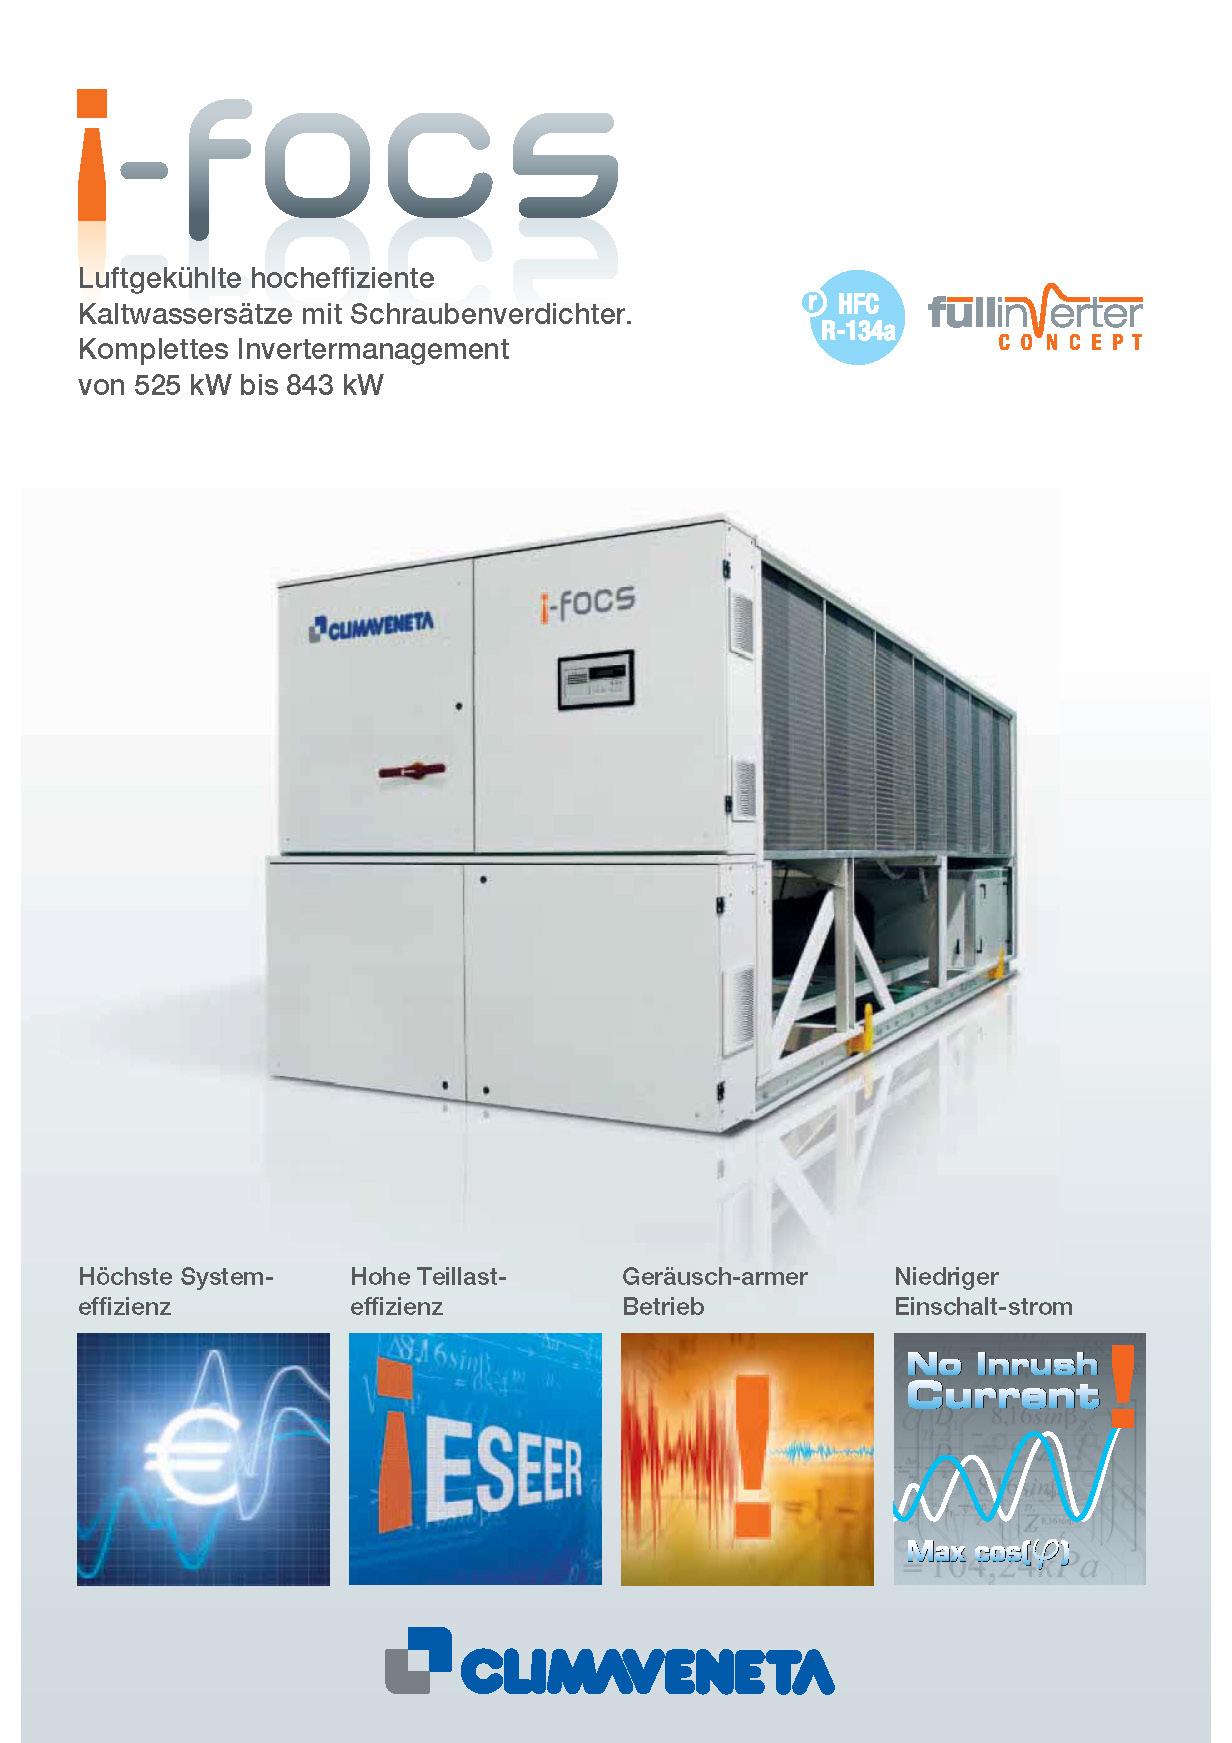 Luftgekühlte hocheffiziente Kaltwassersätze mit Inverter-geregelten Schraubenverdichter.